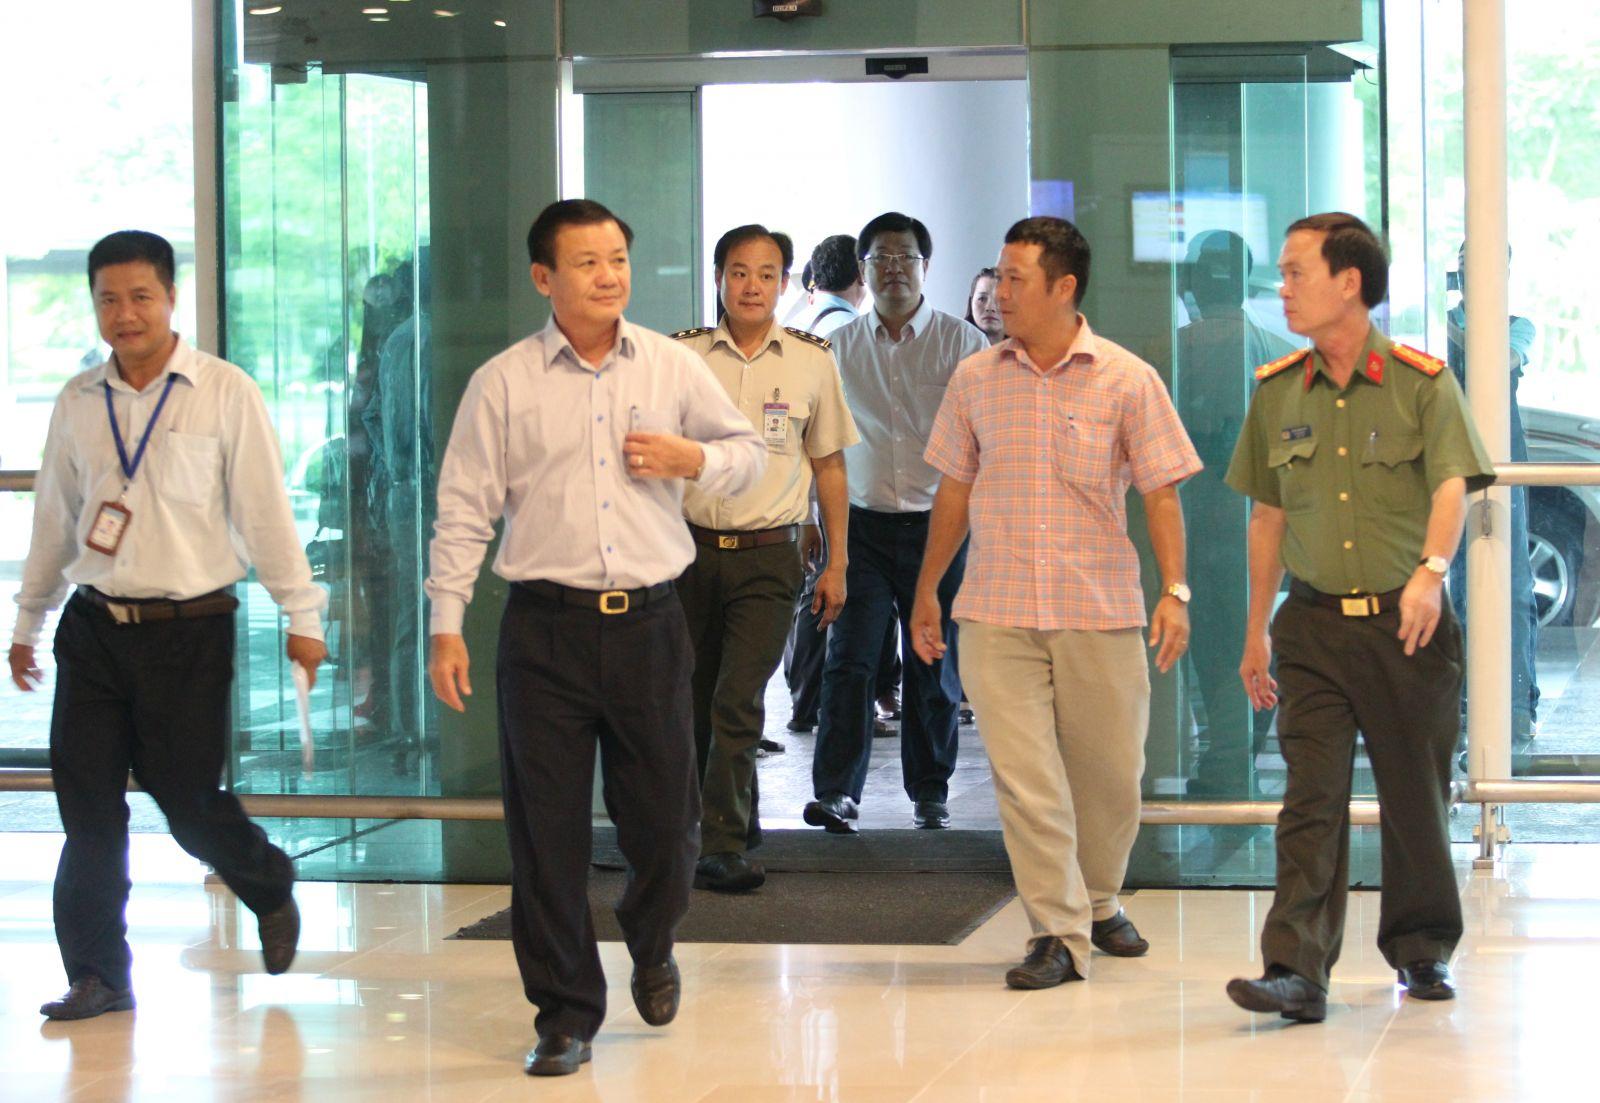 Phó Chủ tịch UBND TP Cần Thơ Đào Anh Dũng (thứ 2, bên trái qua) kiểm tra công tác chuẩn bị tại Cảng Hàng không Quốc tế Cần Thơ.